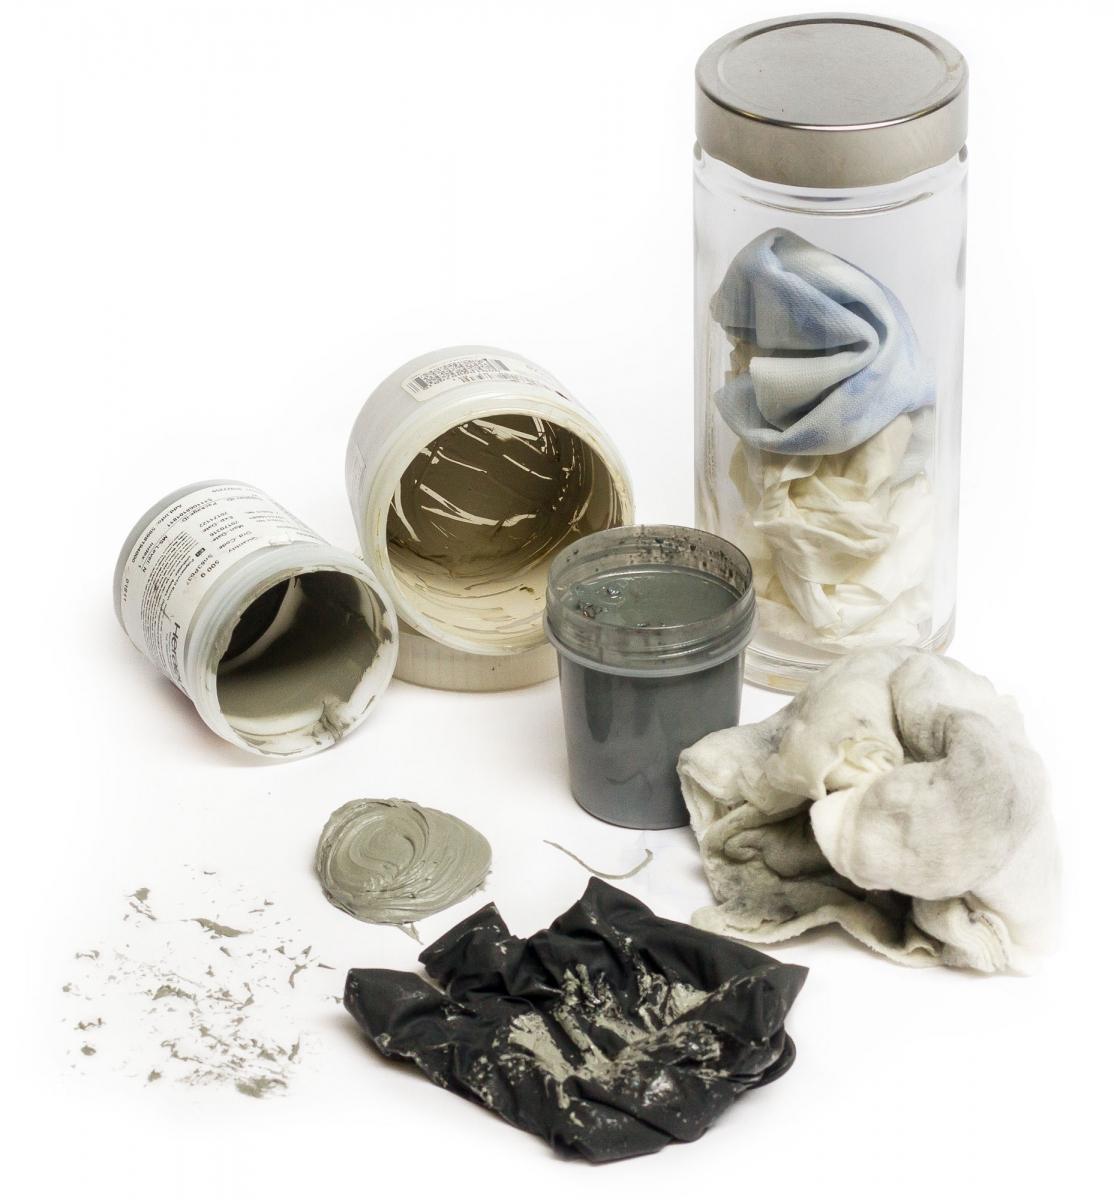 mairec edelmetall precious metals recycling industrieabfaelle industrial waste putztuecher pastendosen destilate cleaning wipes paste jars distillates